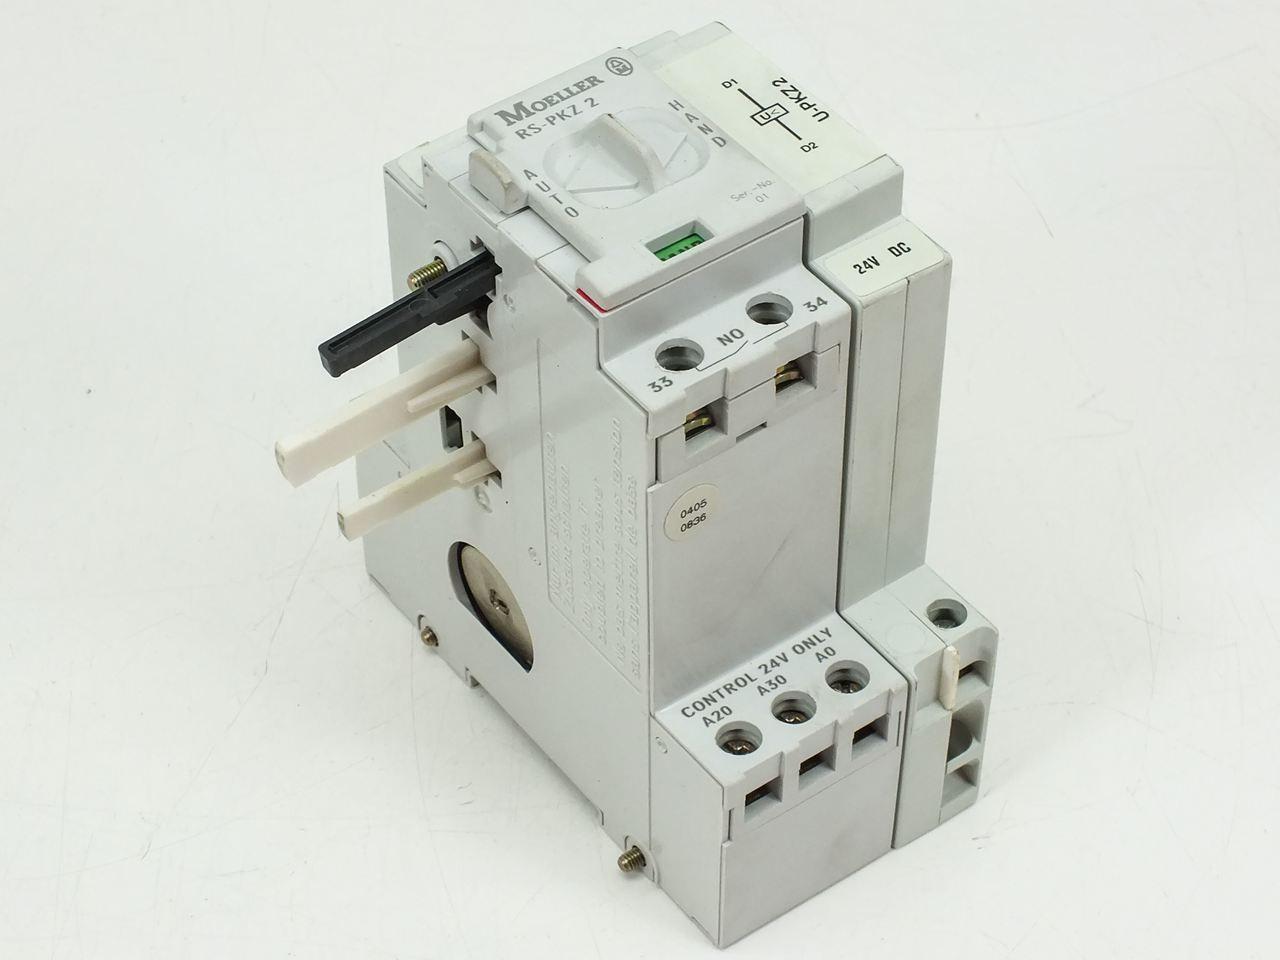 eaton moeller rs pkz 2 circuit breaker 220 240v acdc 1.40__91794.1490112628?c=2 moeller pkz 2 control panel wiring diagram moeller wiring  at eliteediting.co